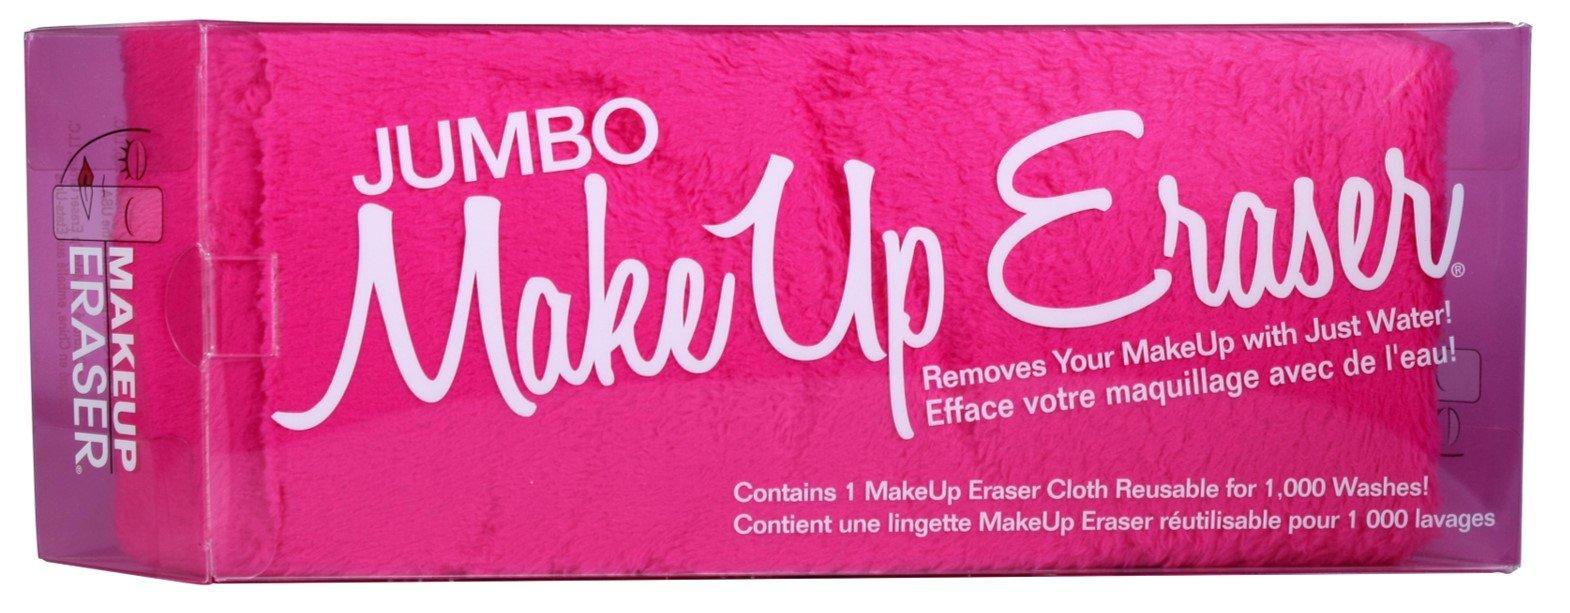 MakeUp Eraser The Jumbo Pink